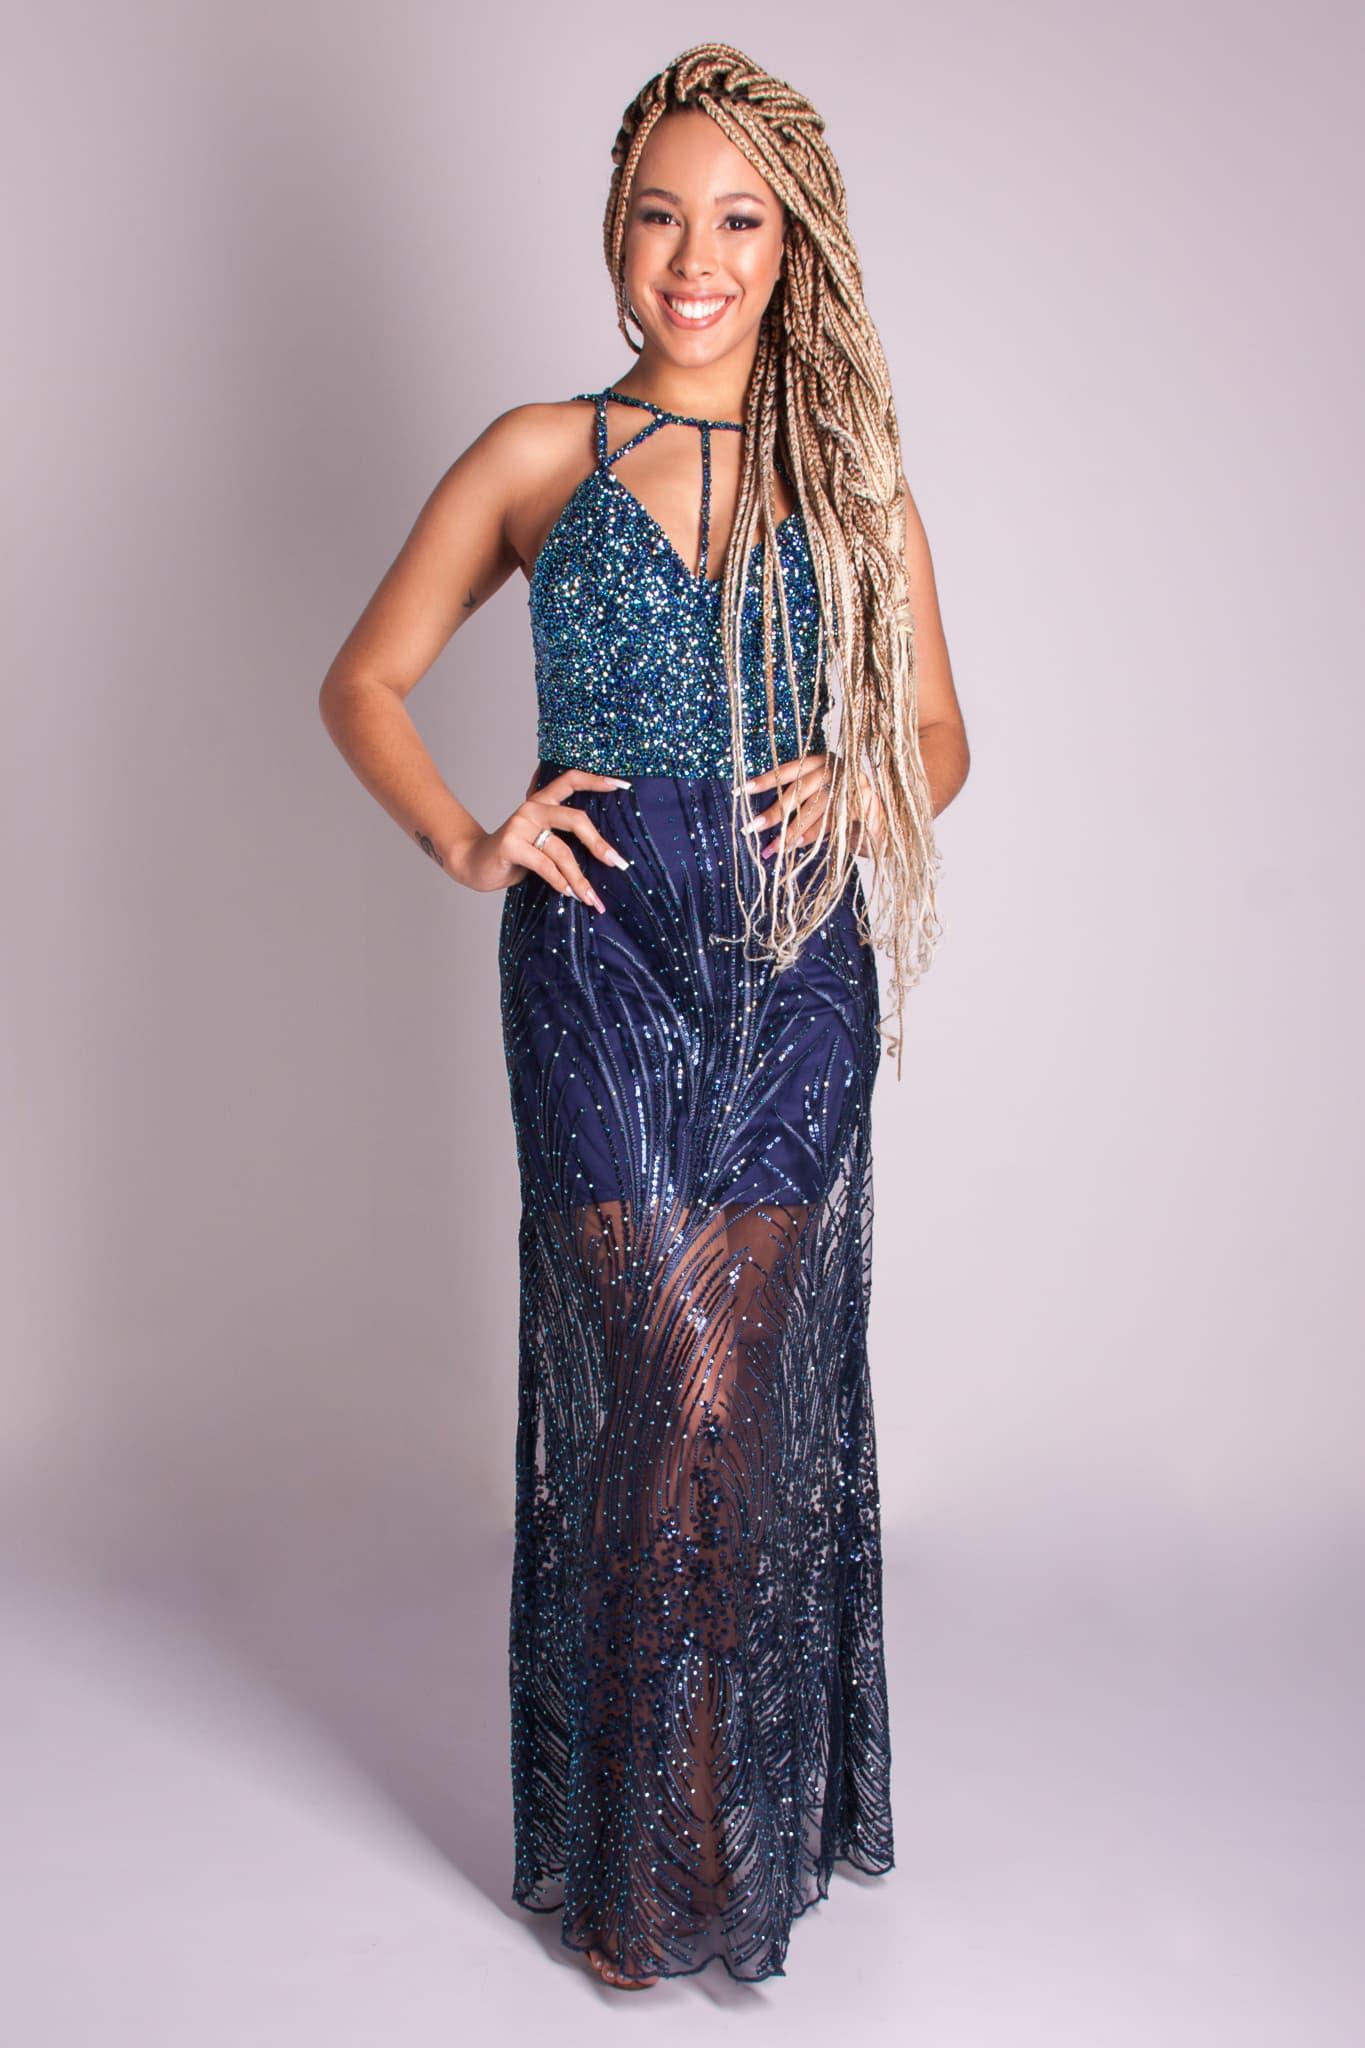 144 - Vestido azul marinho de renda com cristais, recortes e fitas